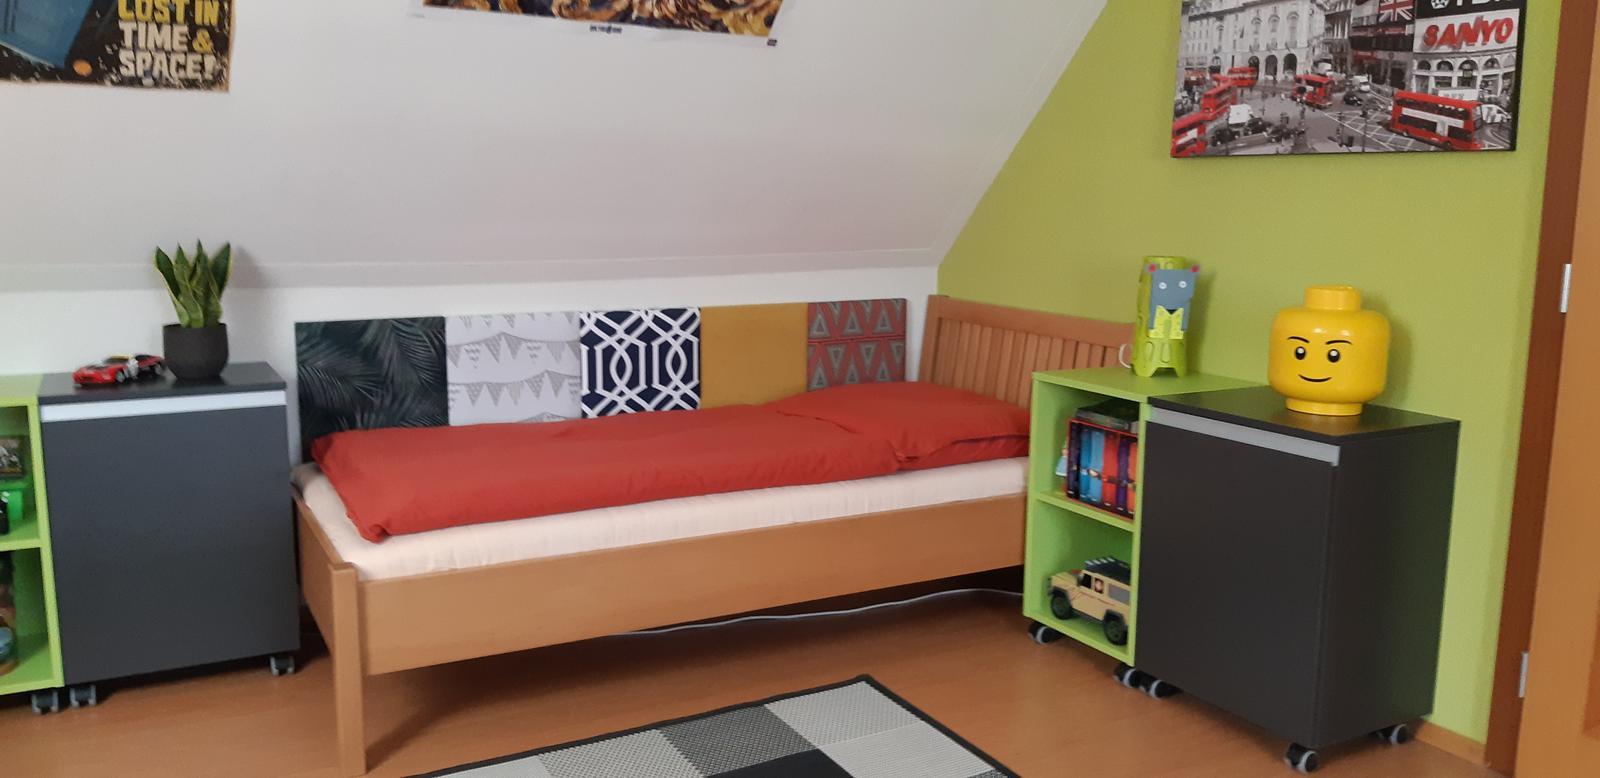 Máme radi odvážne projekty:) Čo poviete na takéto riešenie panelov za chlapčenké postele? - Obrázok č. 1